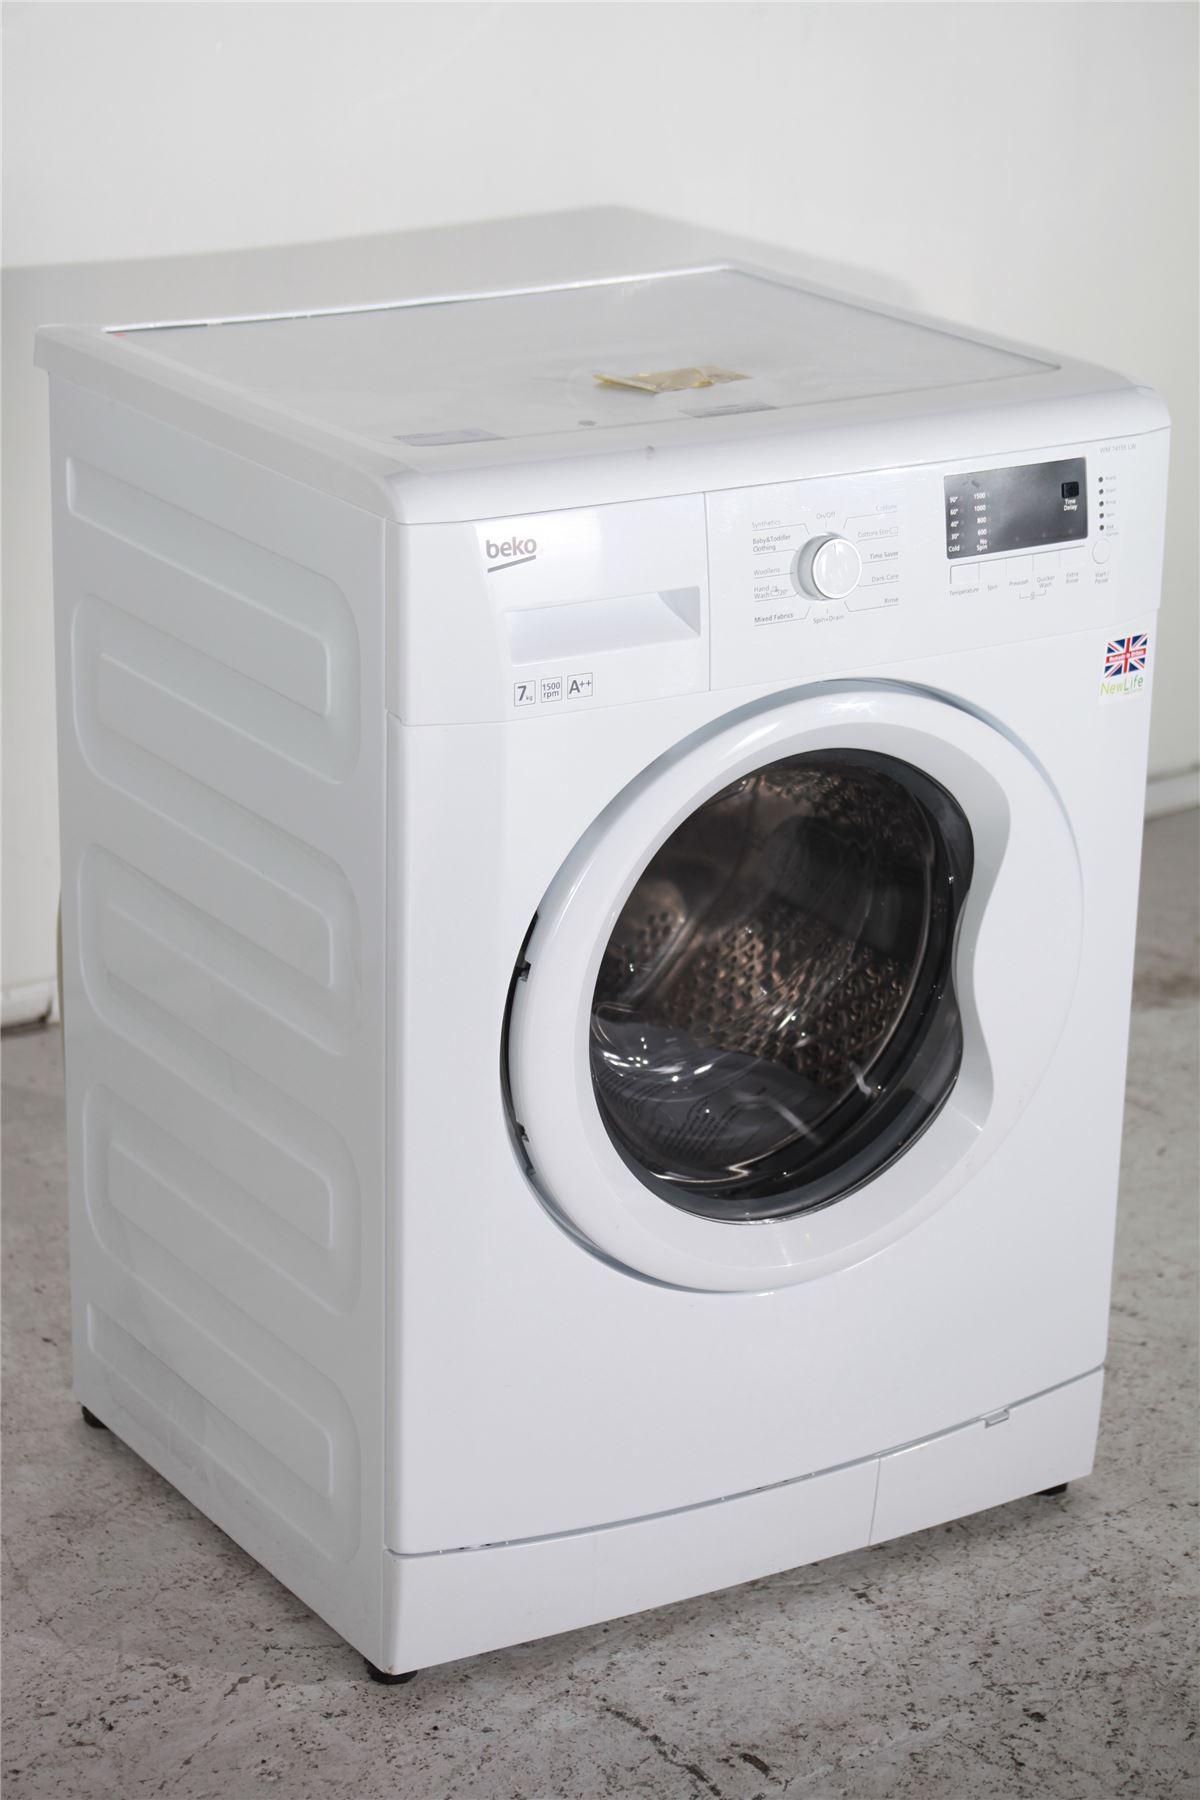 preloved beko 7kg washing machine 1500 spin wm77155lw. Black Bedroom Furniture Sets. Home Design Ideas